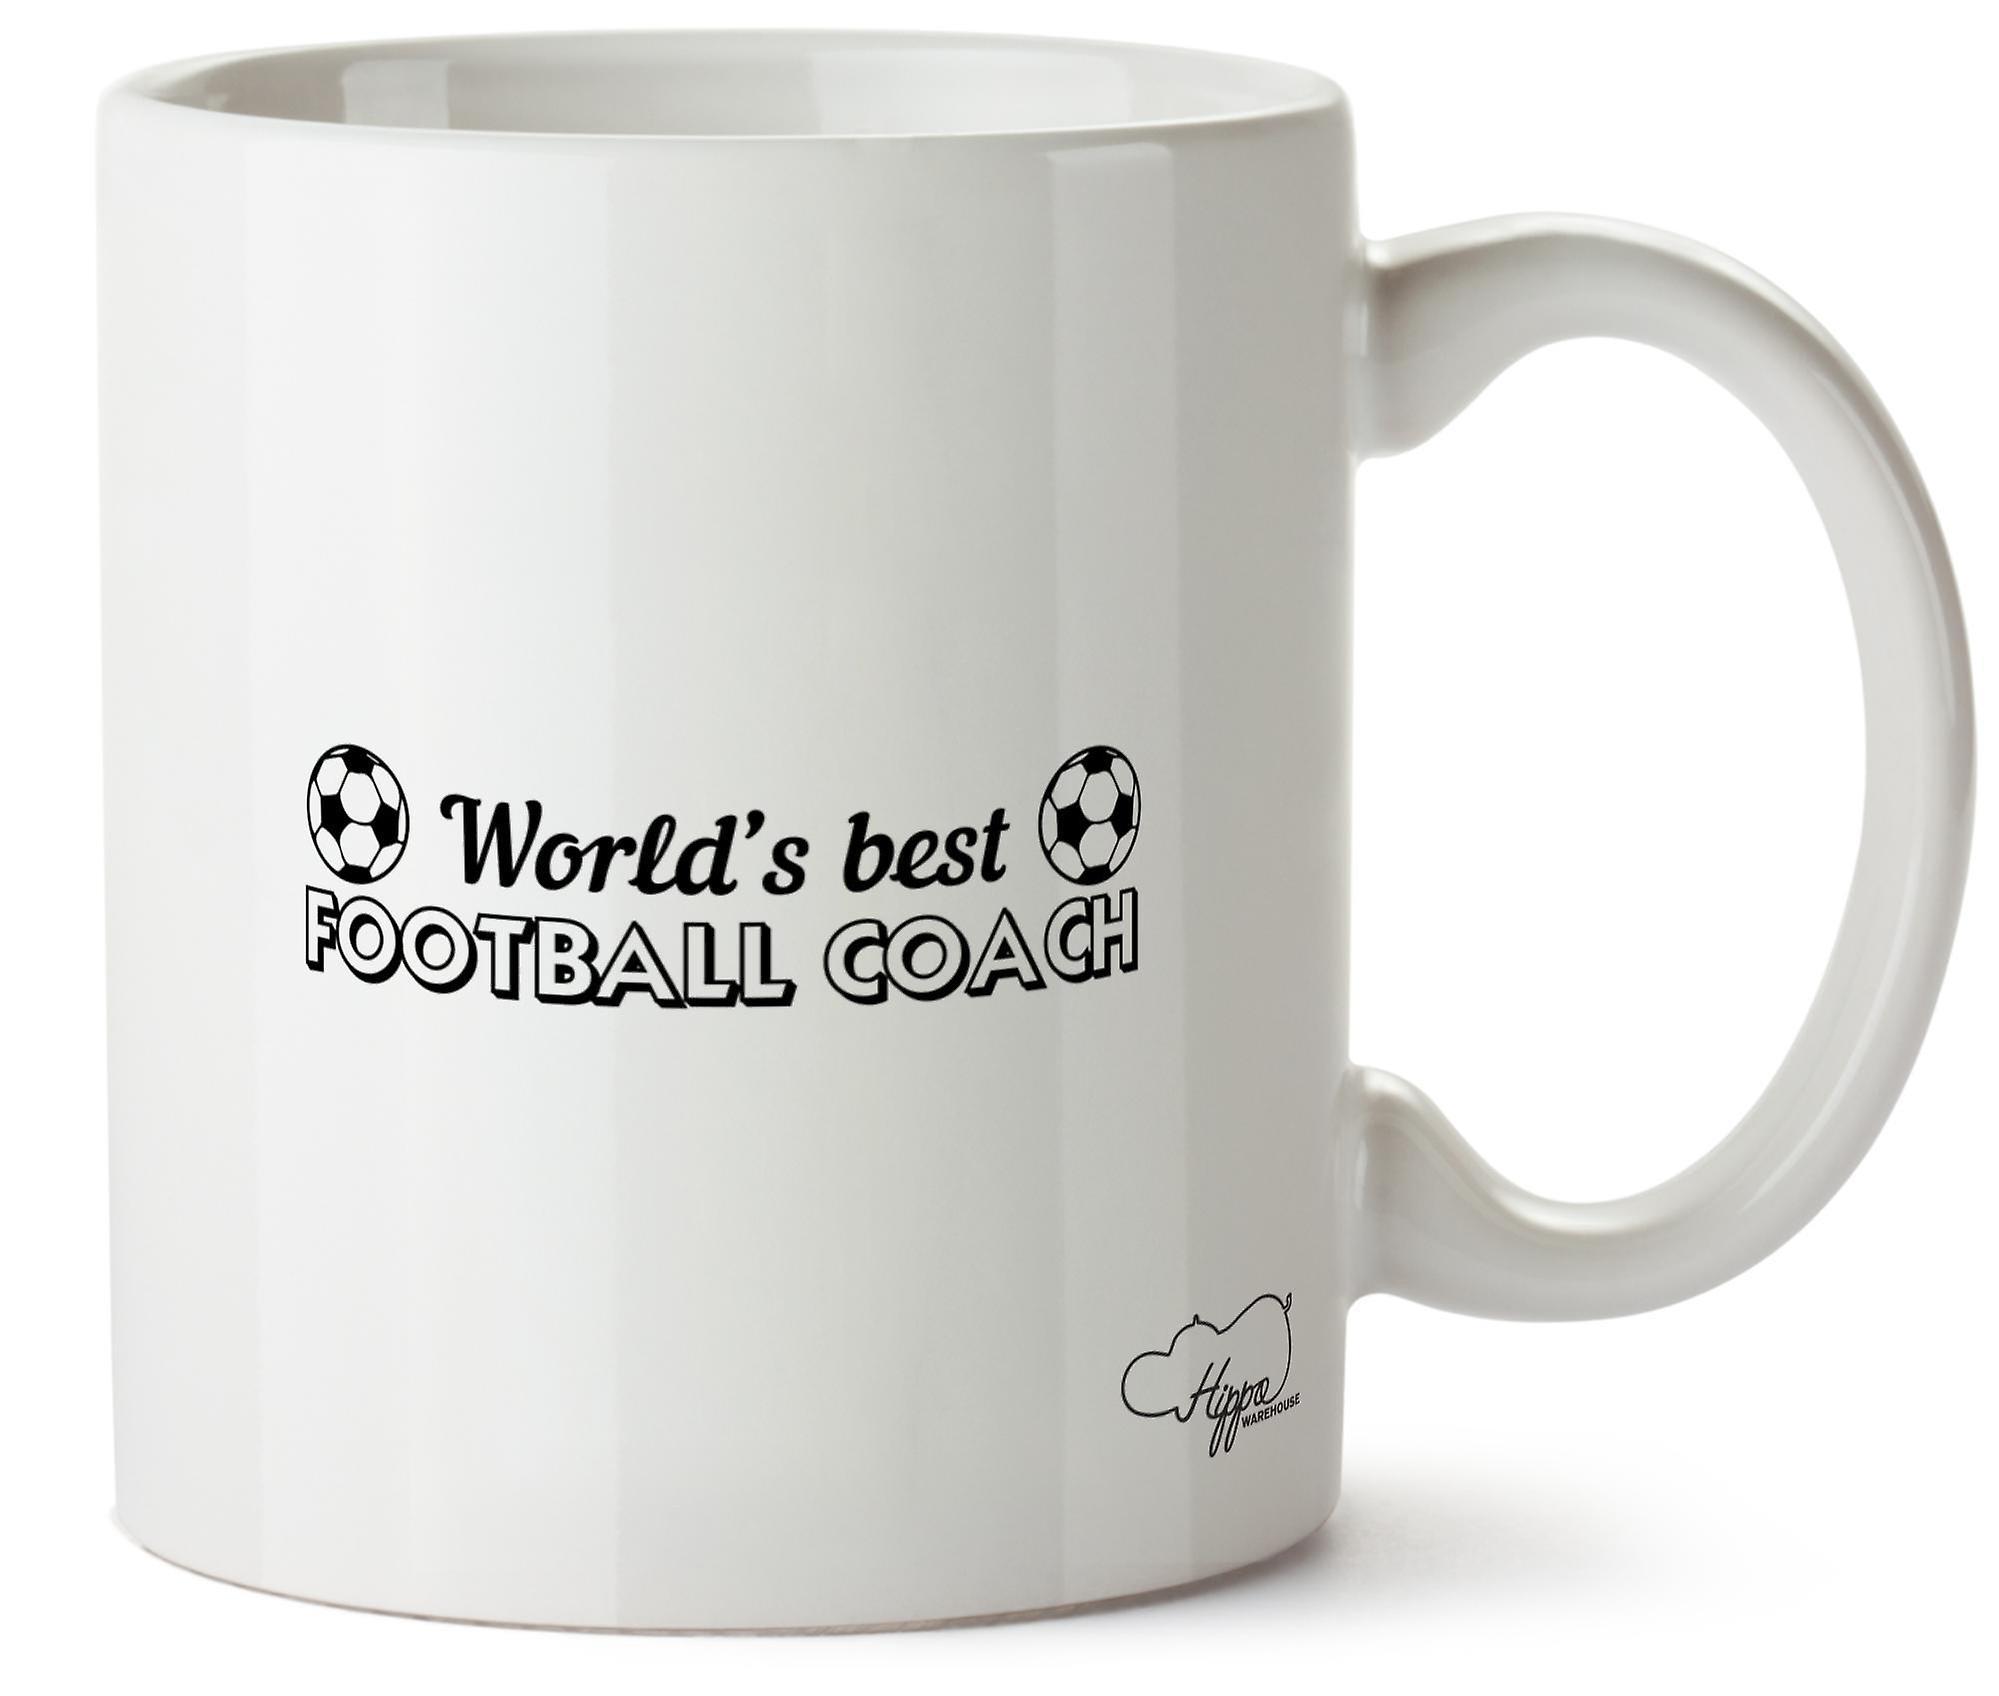 En Entraineur Hippowarehouse 10oz Tasse Football Imprimé Monde De Meilleur Céramique j435LRqA